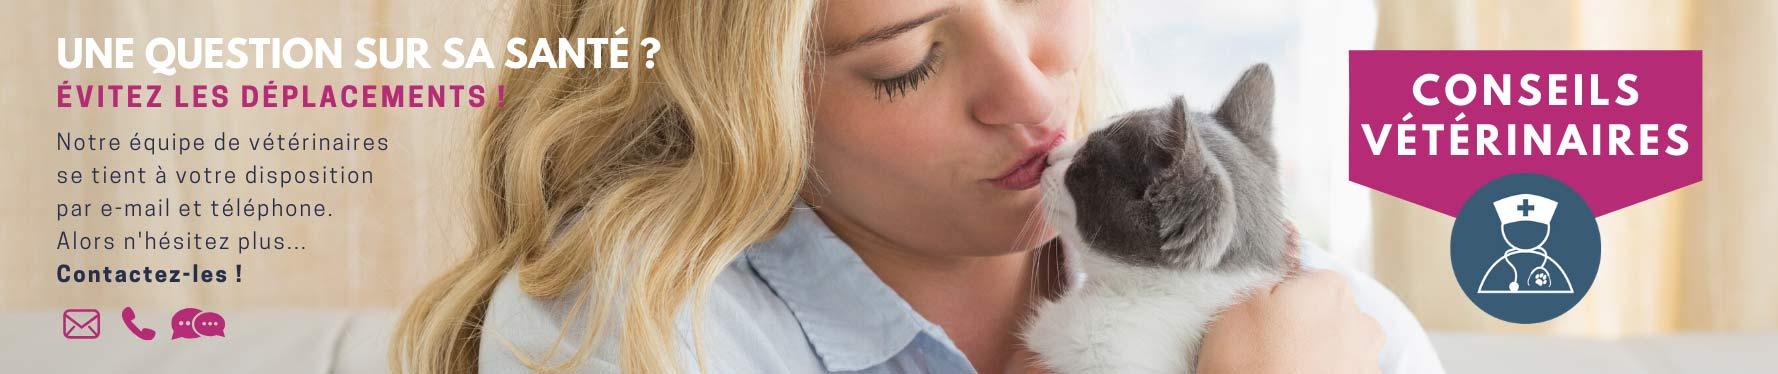 Conseils vétérinaire : évitez de vous déplacer